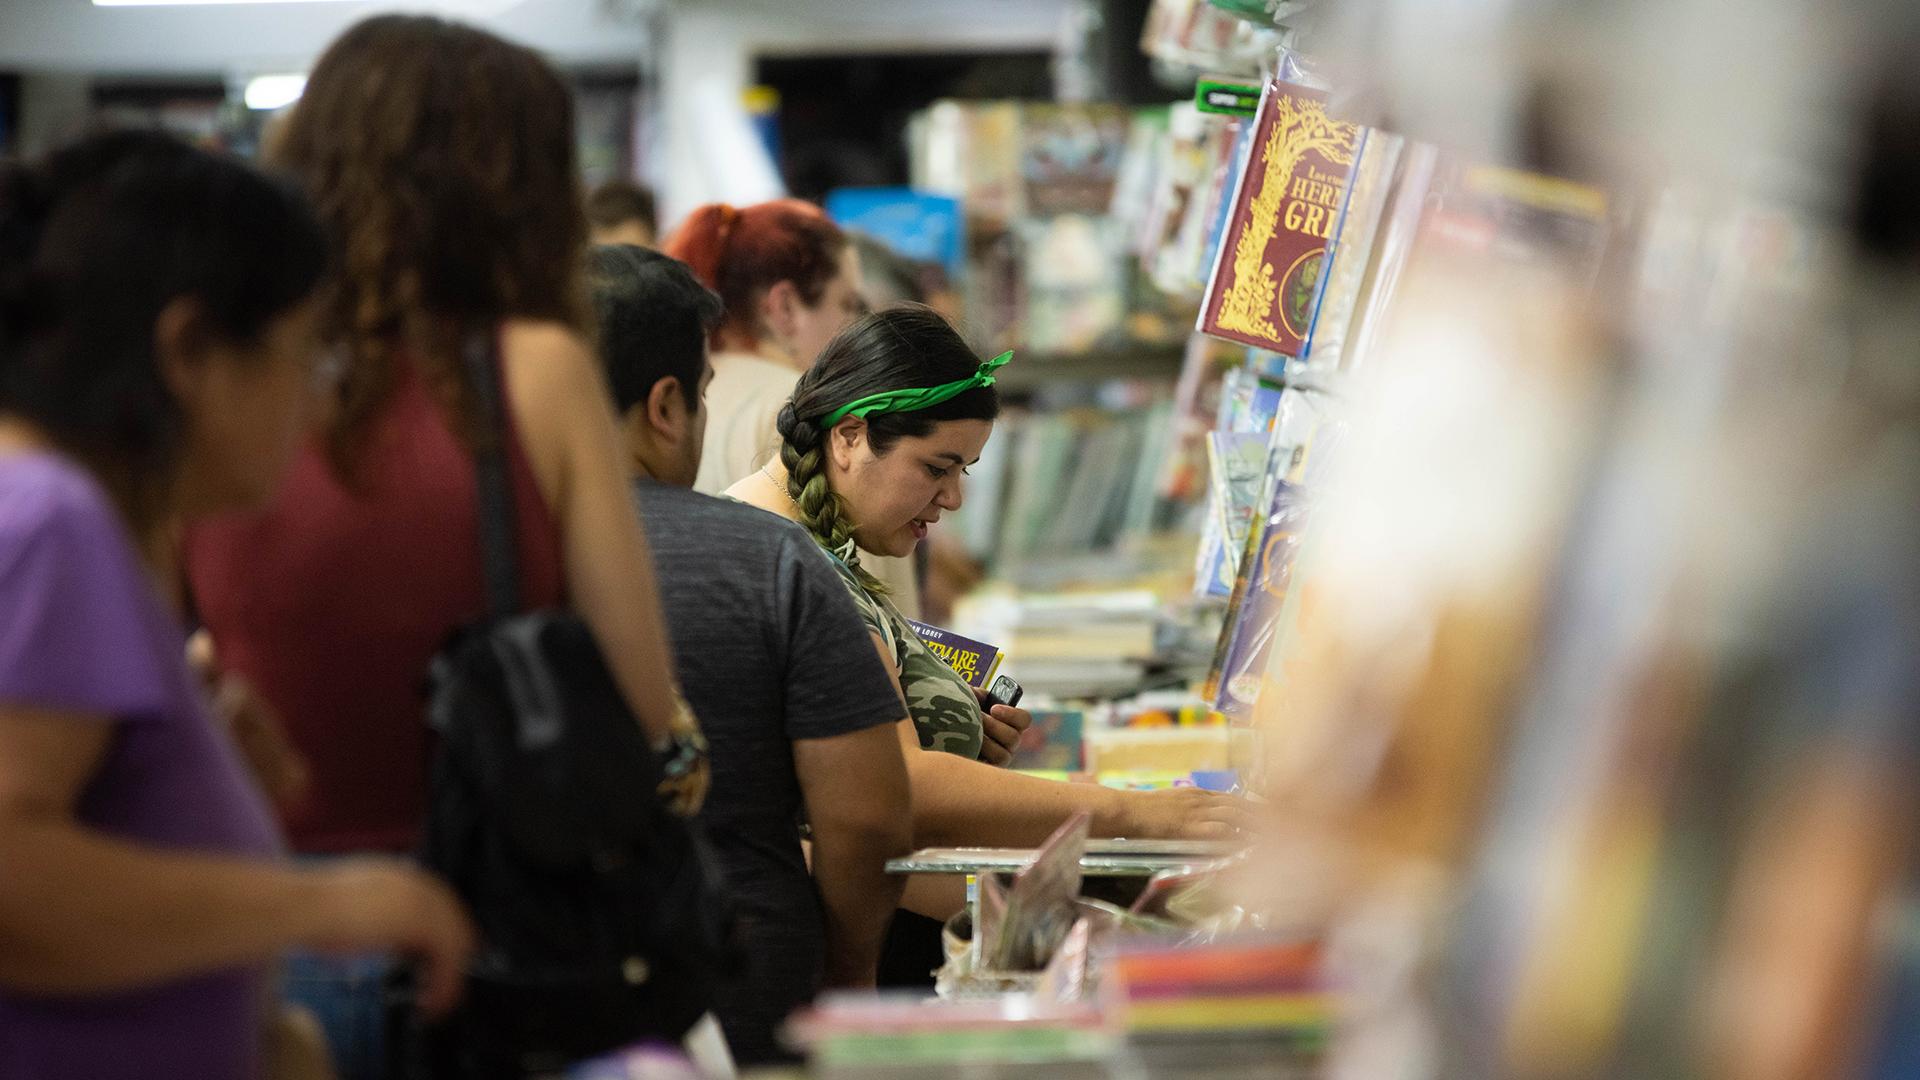 Cientos de personas se amontonaron en las entradas de los comercios para buscar precios o algún titulo interesante.